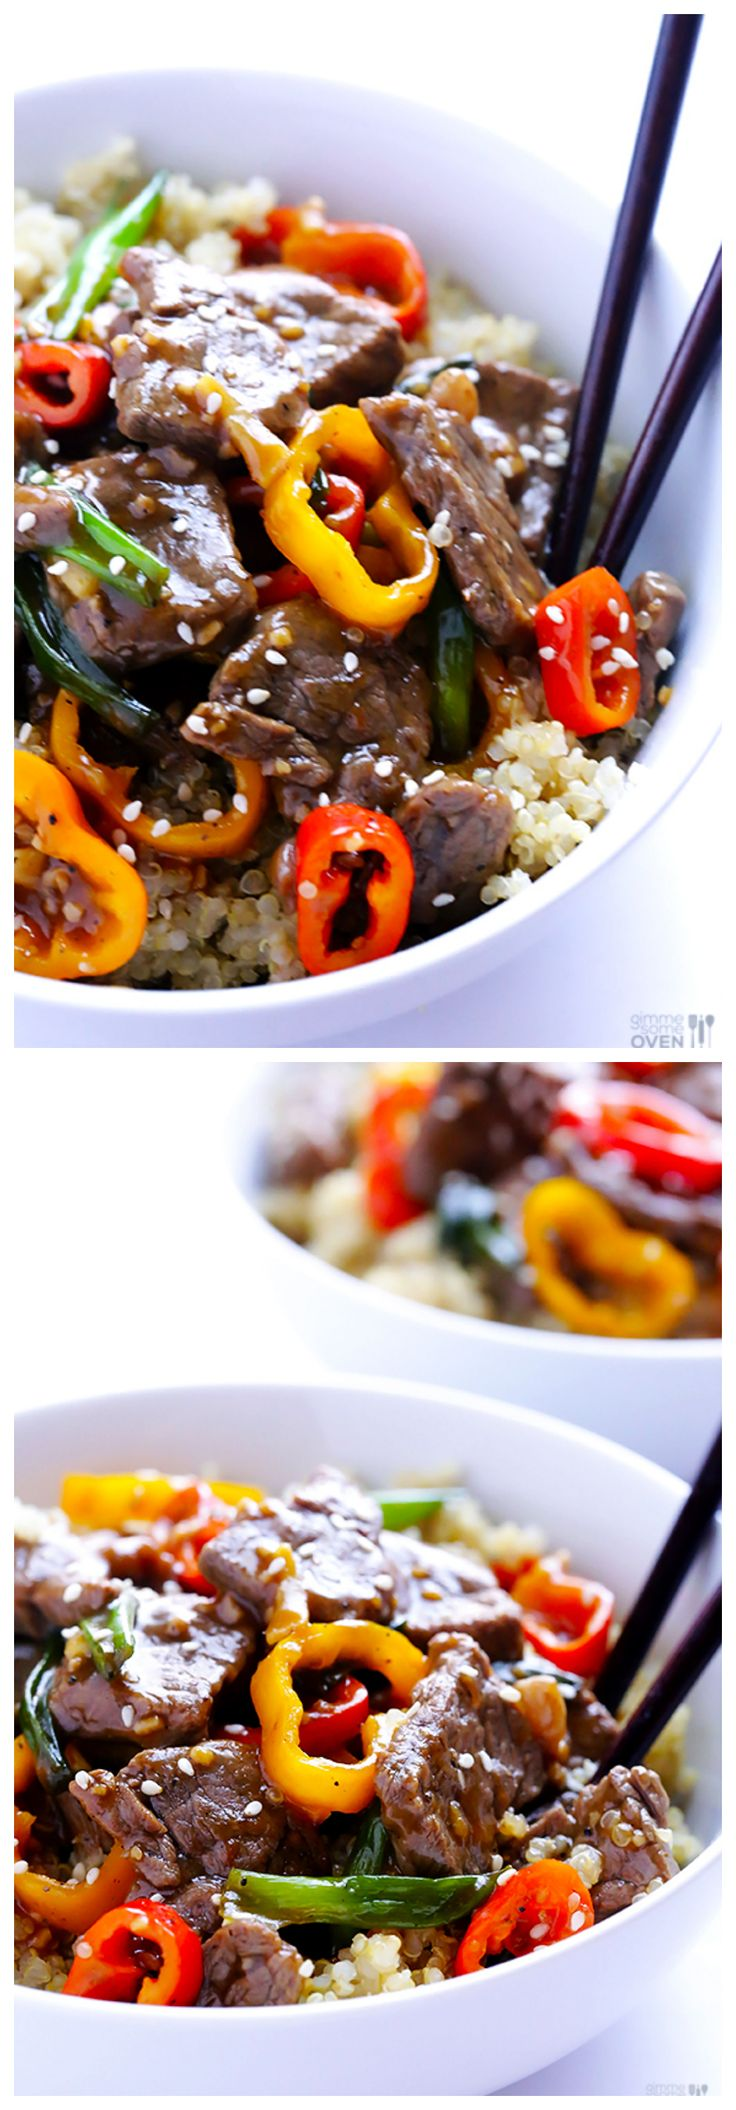 Easy Pepper Steak | gimmesomeoven.com